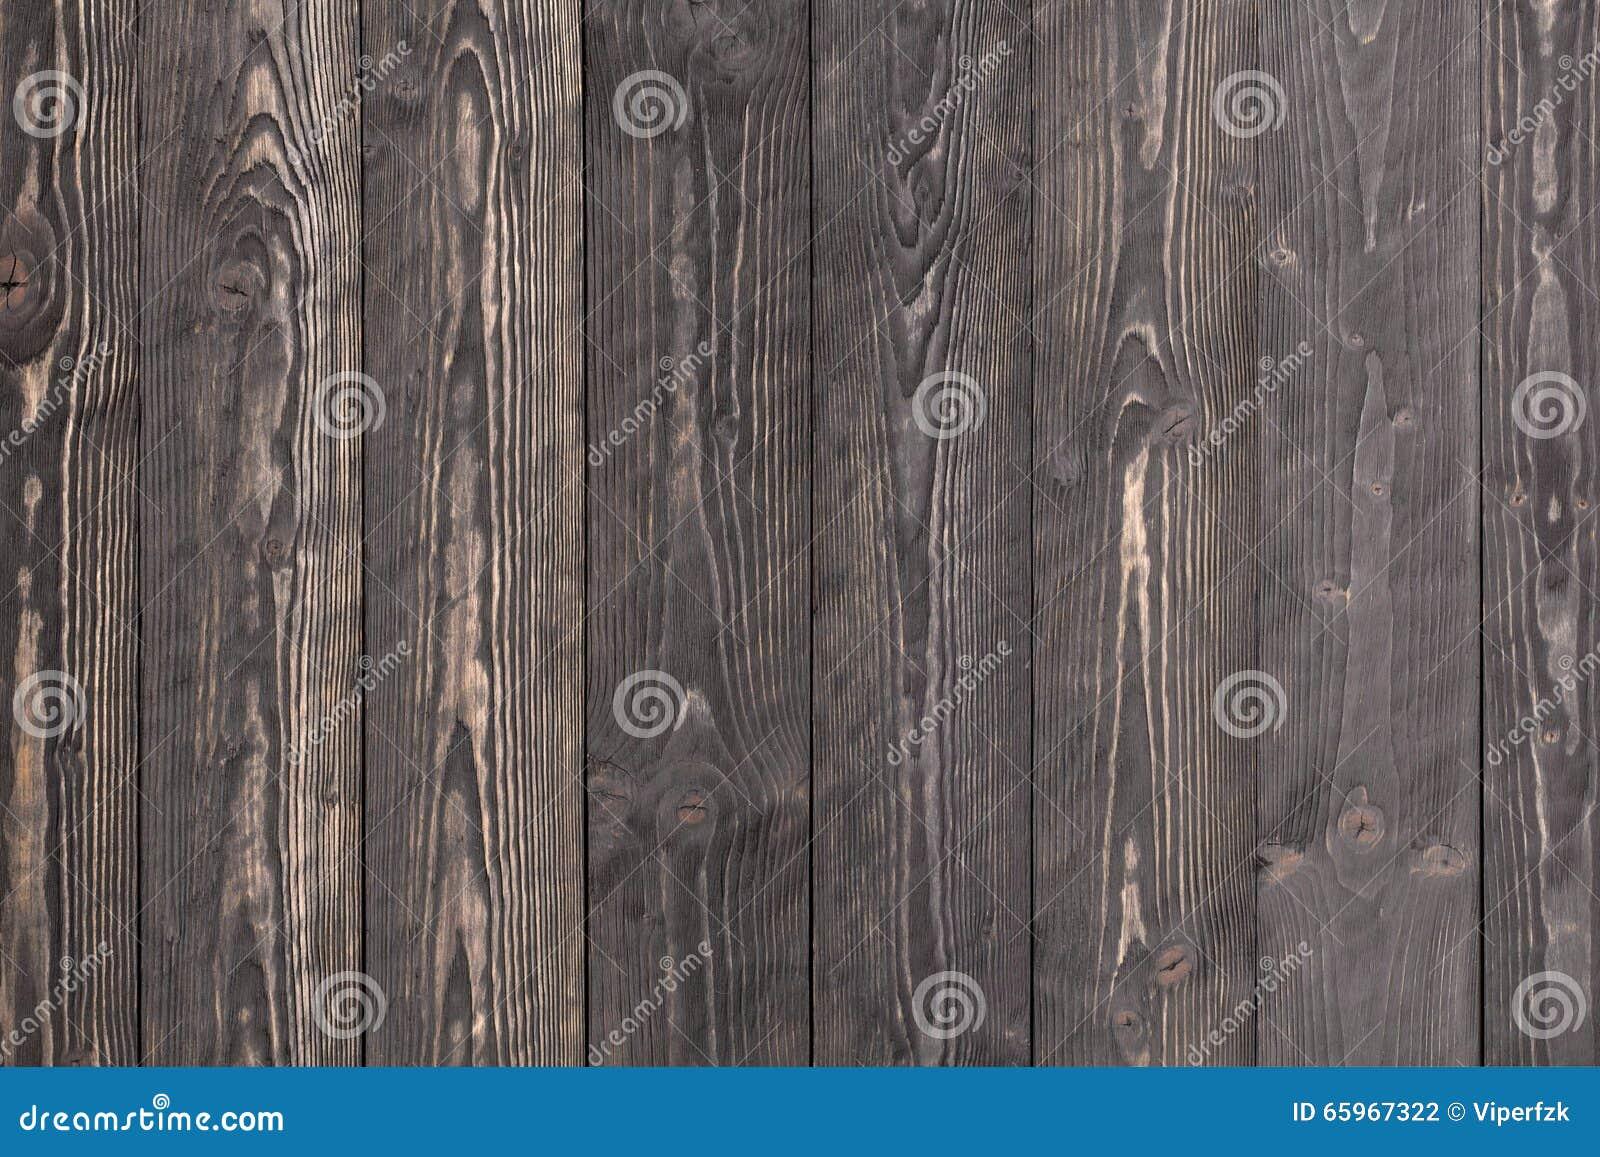 Fond En Bois Gris Fonce Rustique Photo Stock Image Du Surface